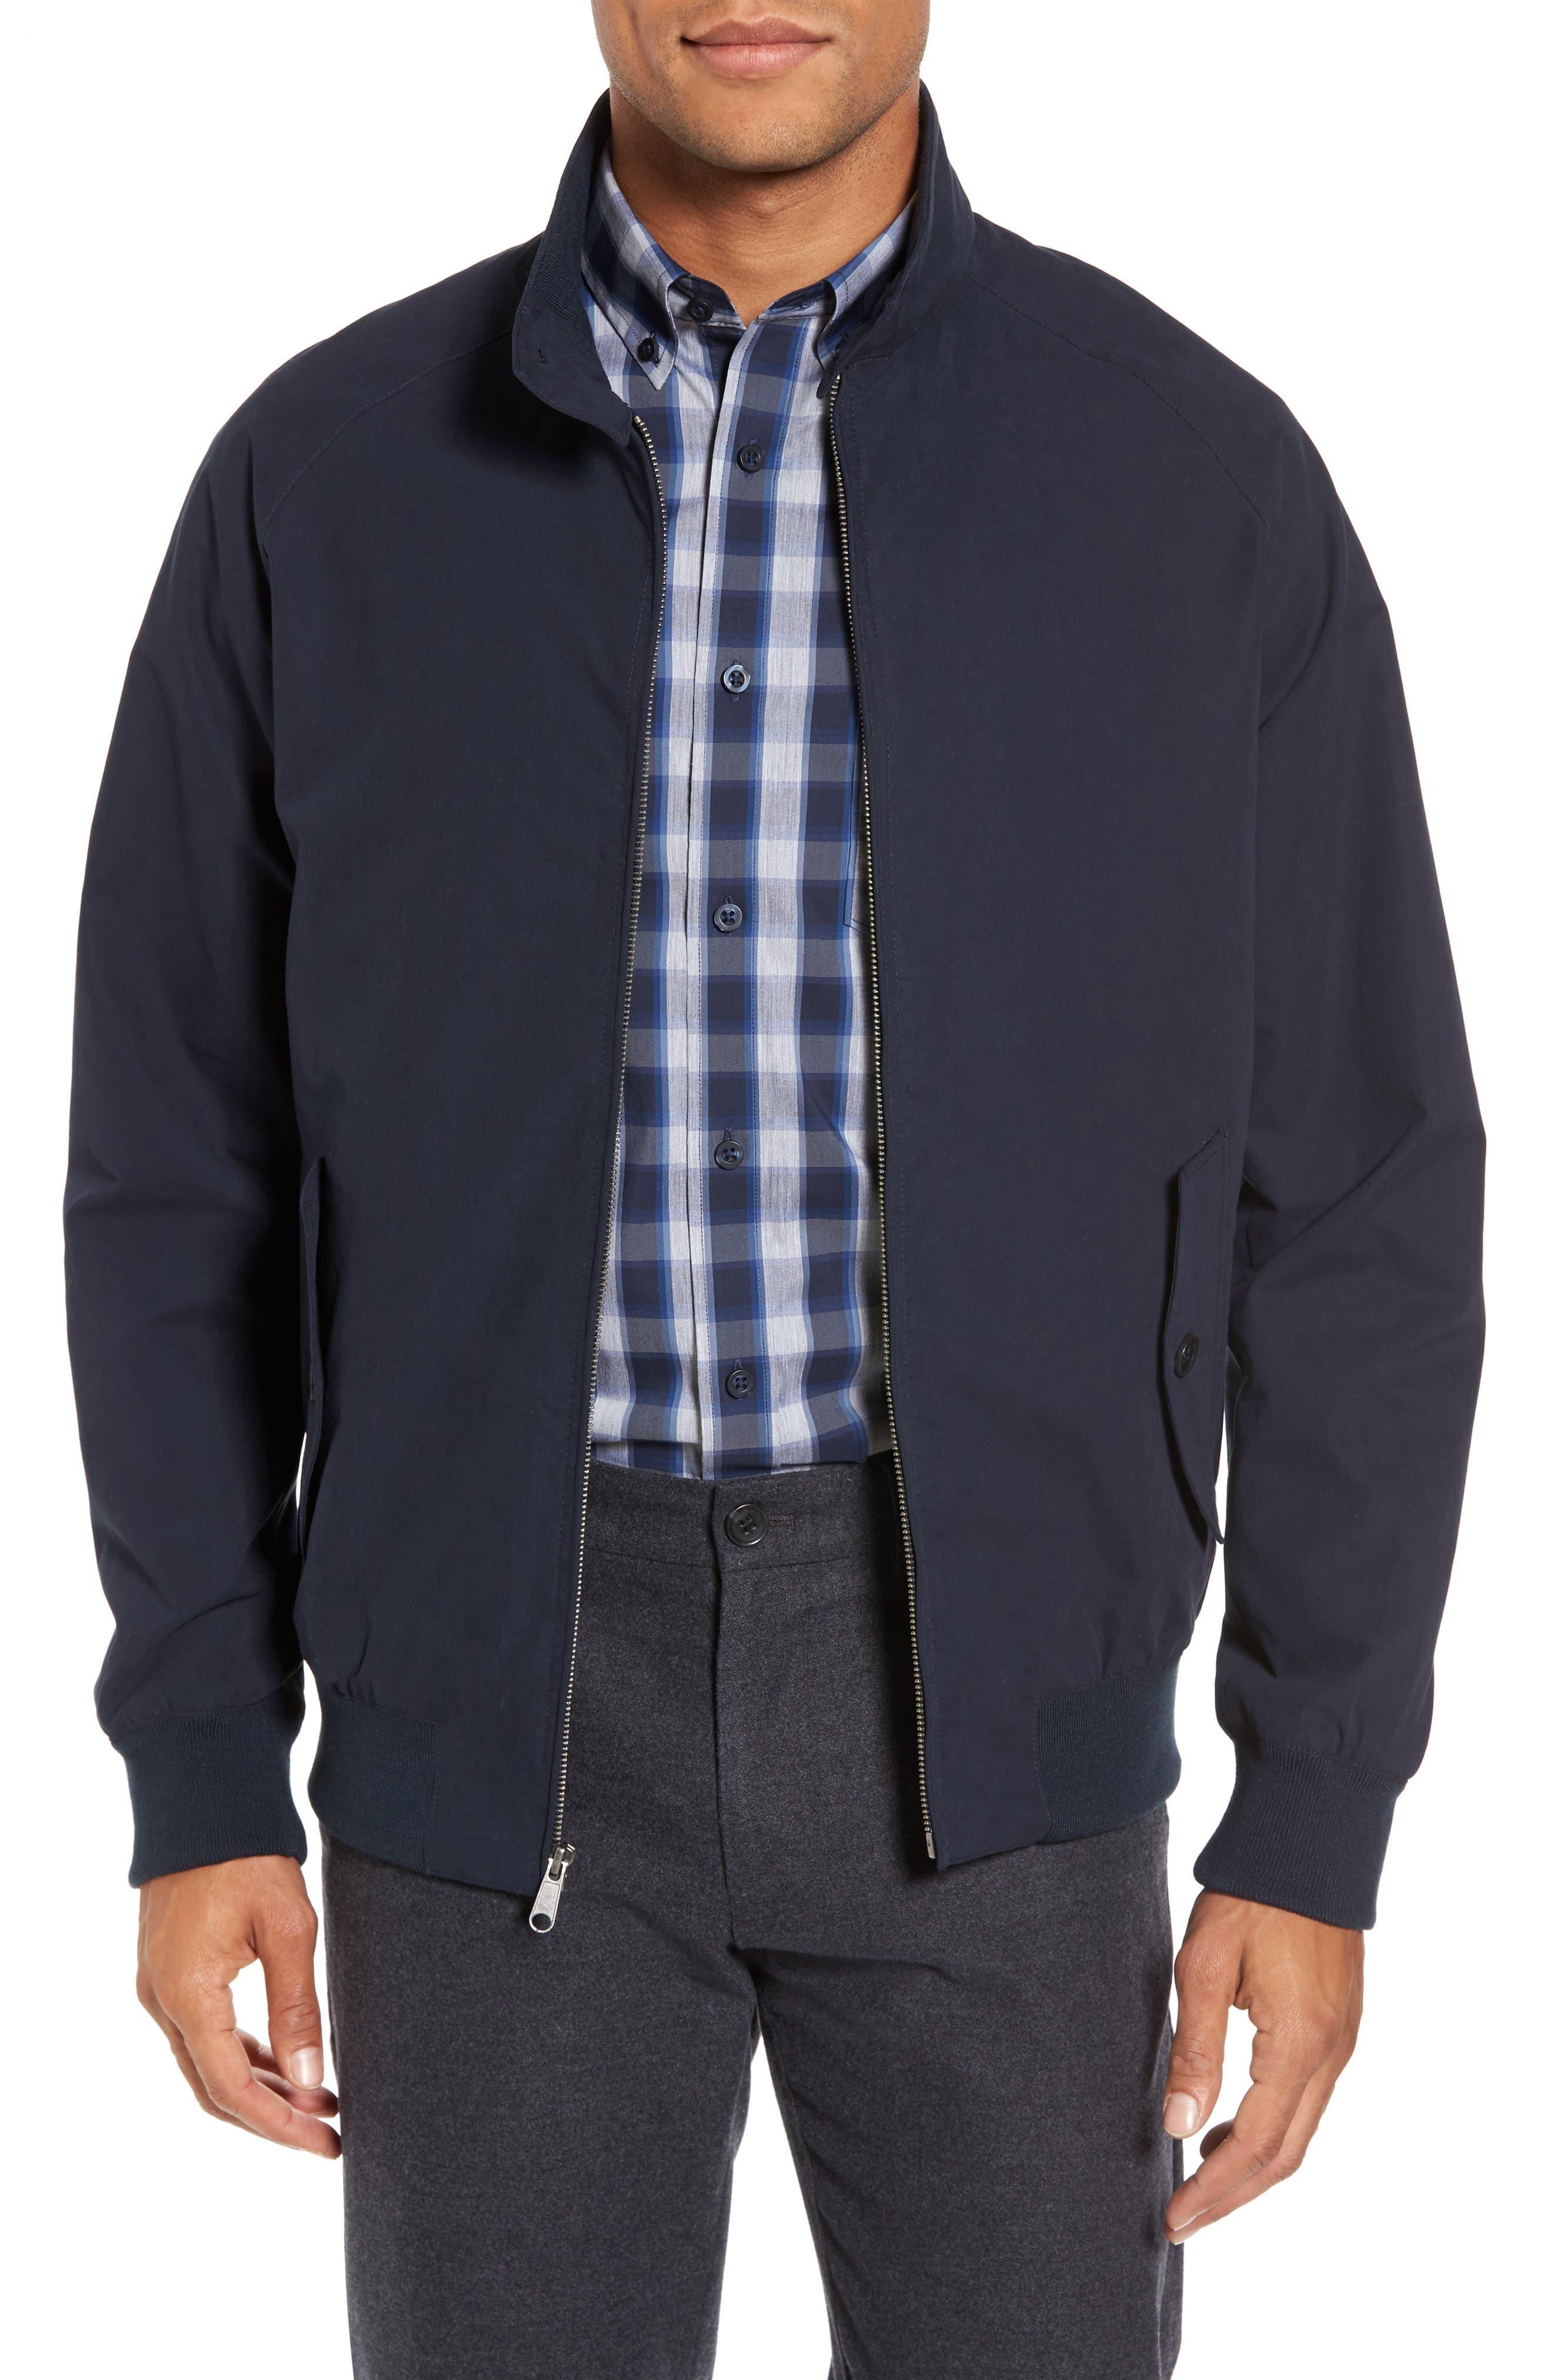 Harrington Bomber Jacket,                         Main,                         color, Navy Captain